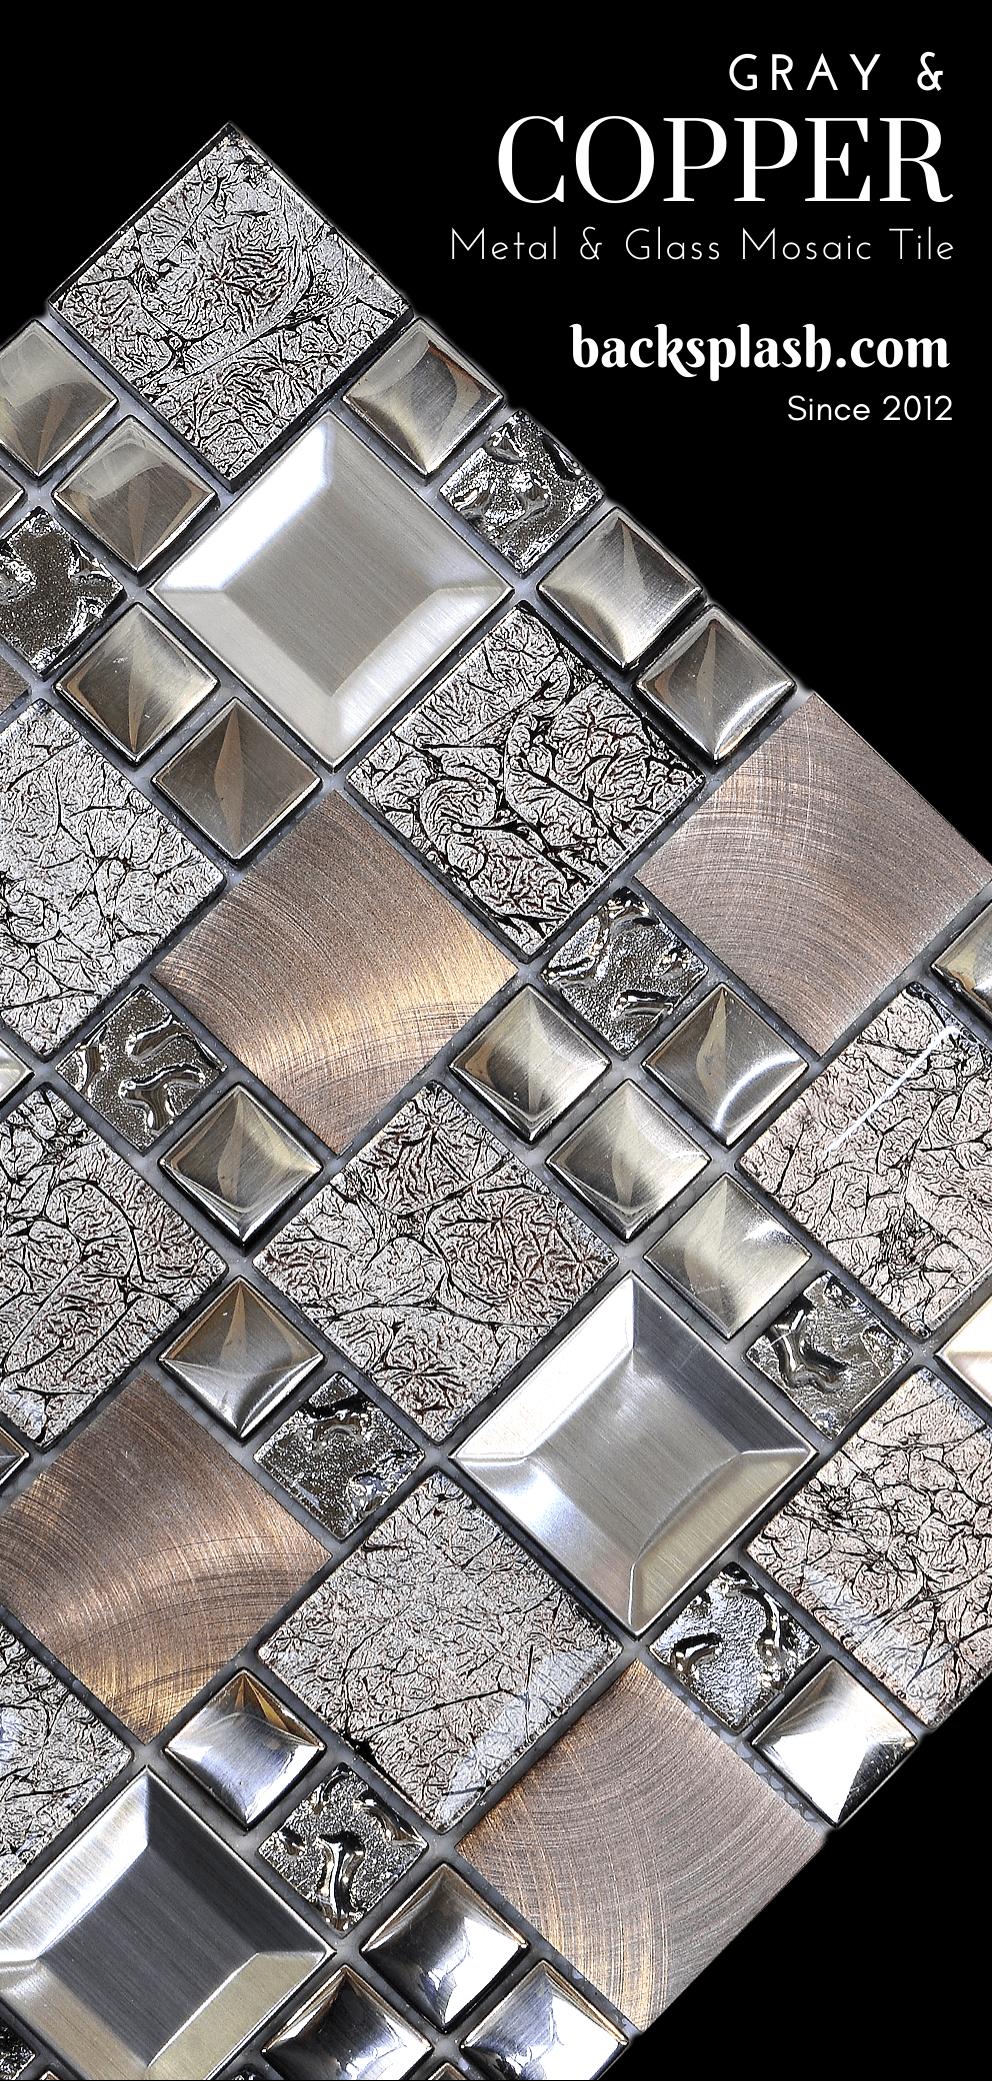 Glass Metal Gray Copper Mosaic Backsplash Tile Backsplash Com In